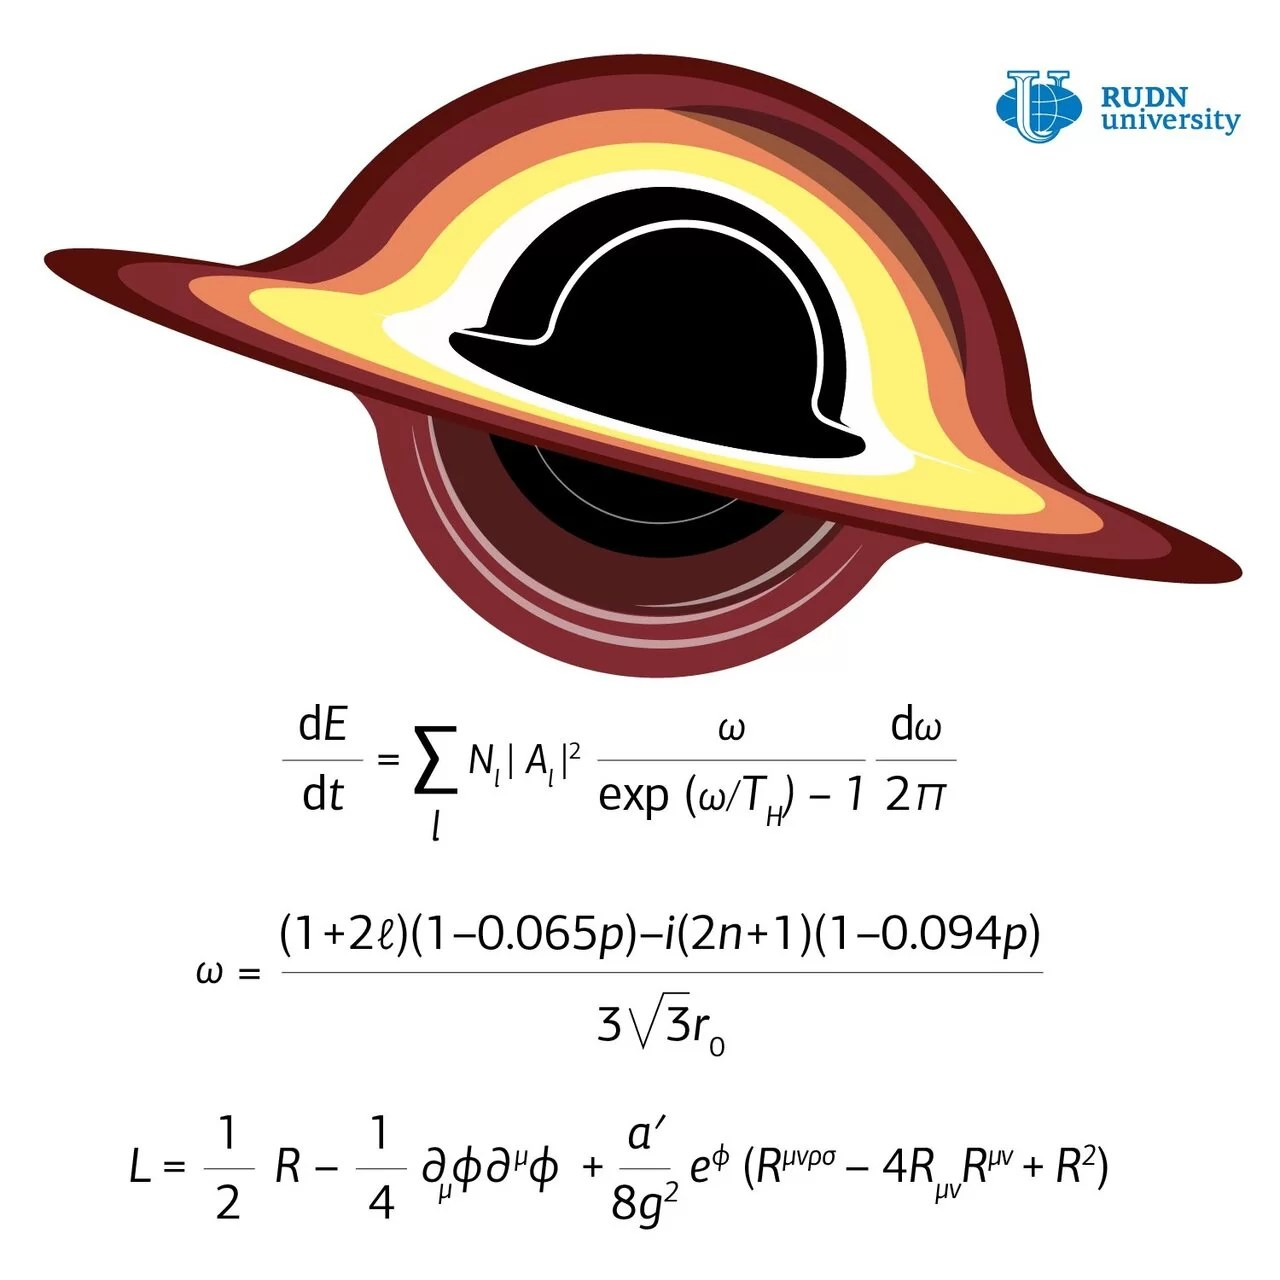 Cálculo da radiação Hawking no horizonte de eventos de um buraco negro. (Créditos: RUDN University)